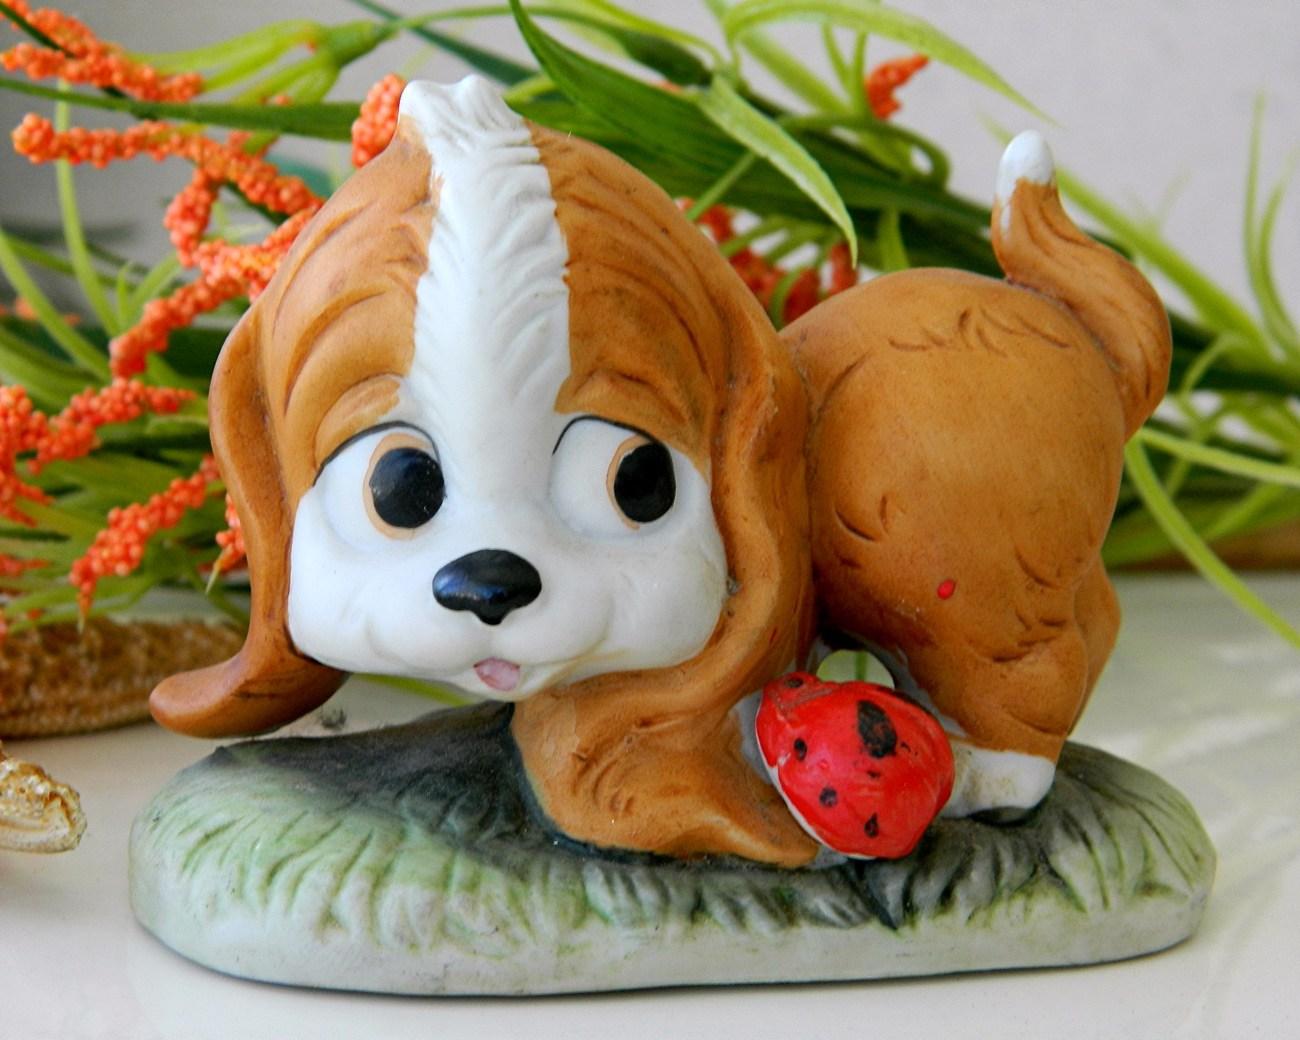 Vintage spaniel dog lego puppy ladybug porcelain figurine